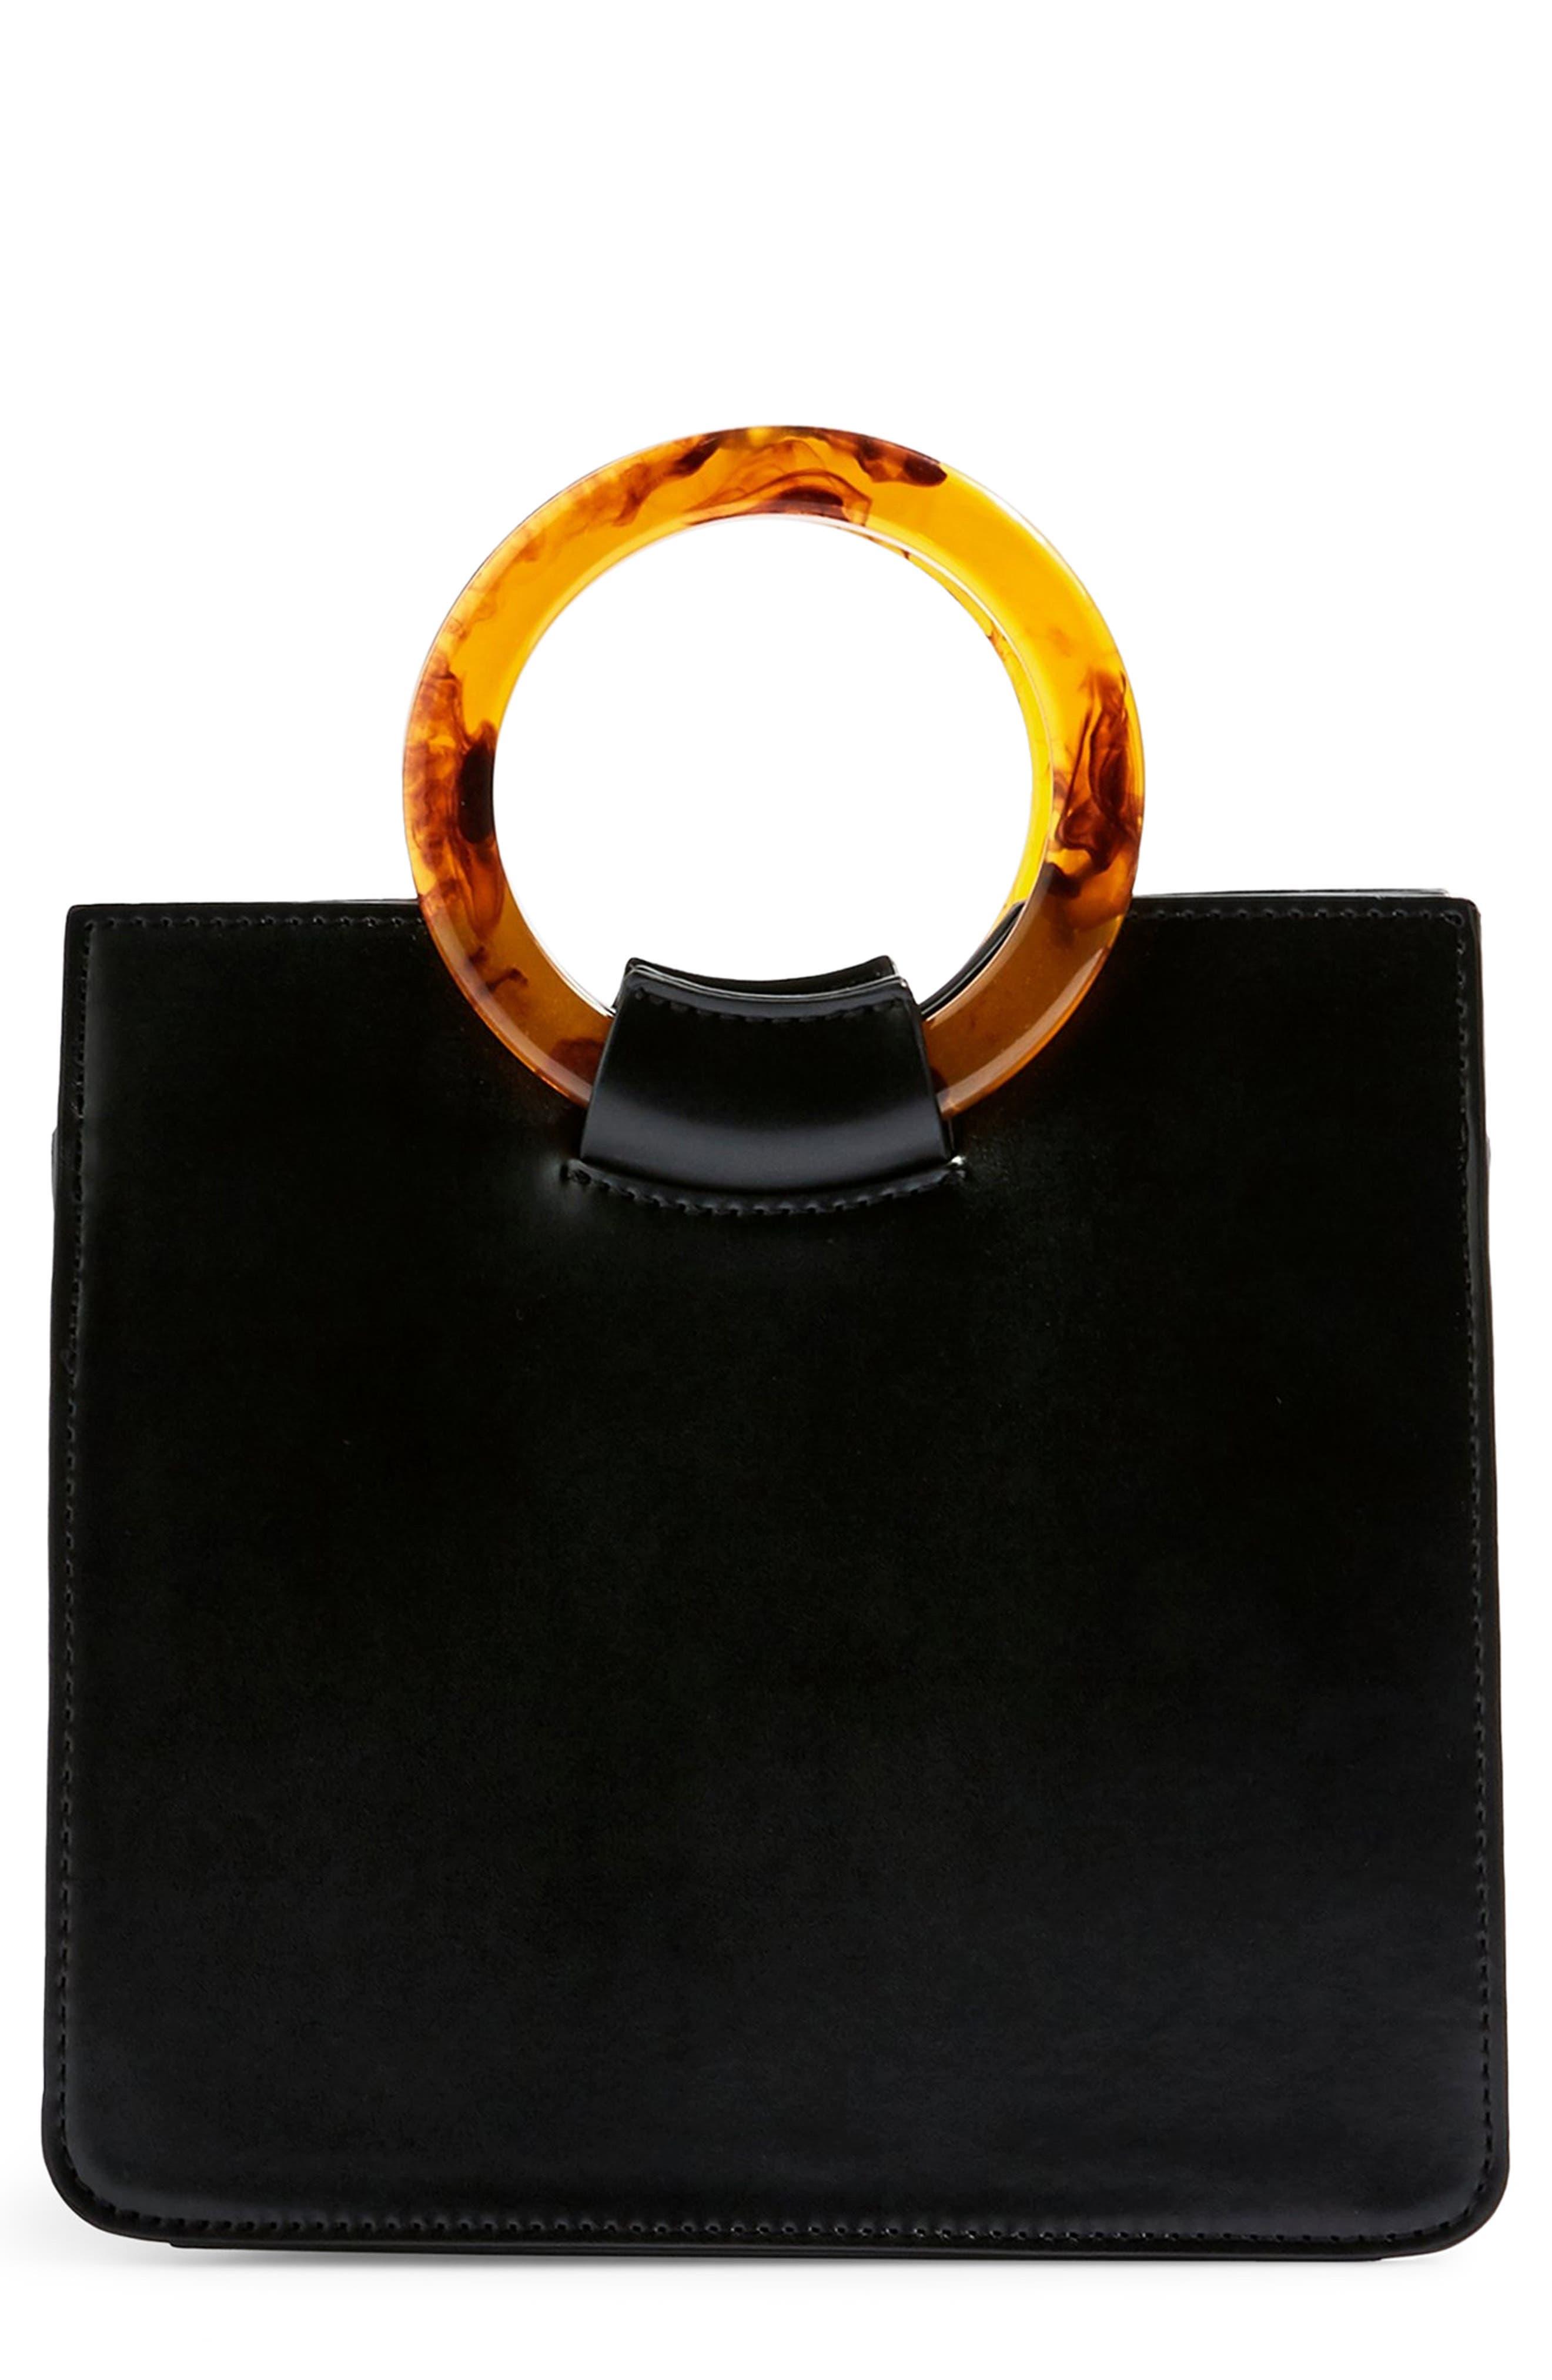 Topshop Mini Adele Faux Leather Top Handle Bag - Black 76e0fa4e0e25c